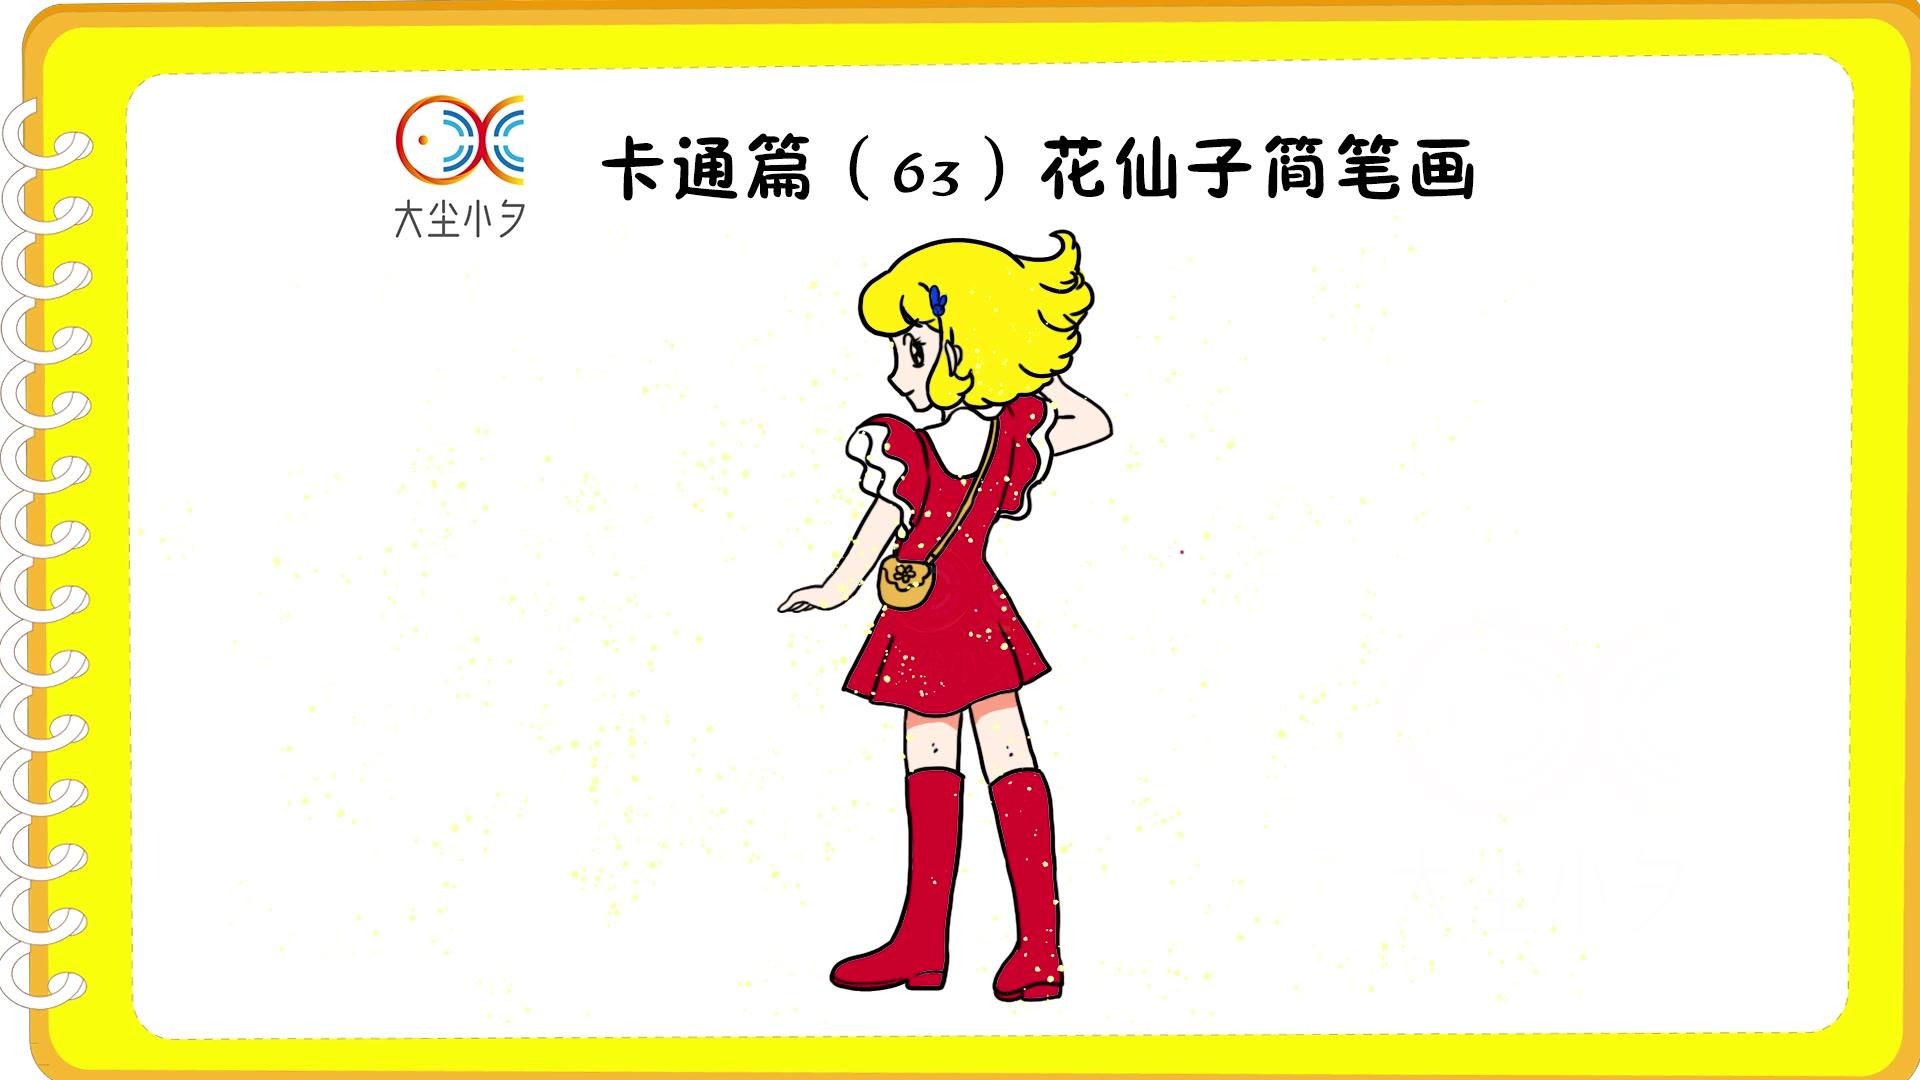 卡通篇(63)花仙子简笔画,30秒看卡通人物绘画